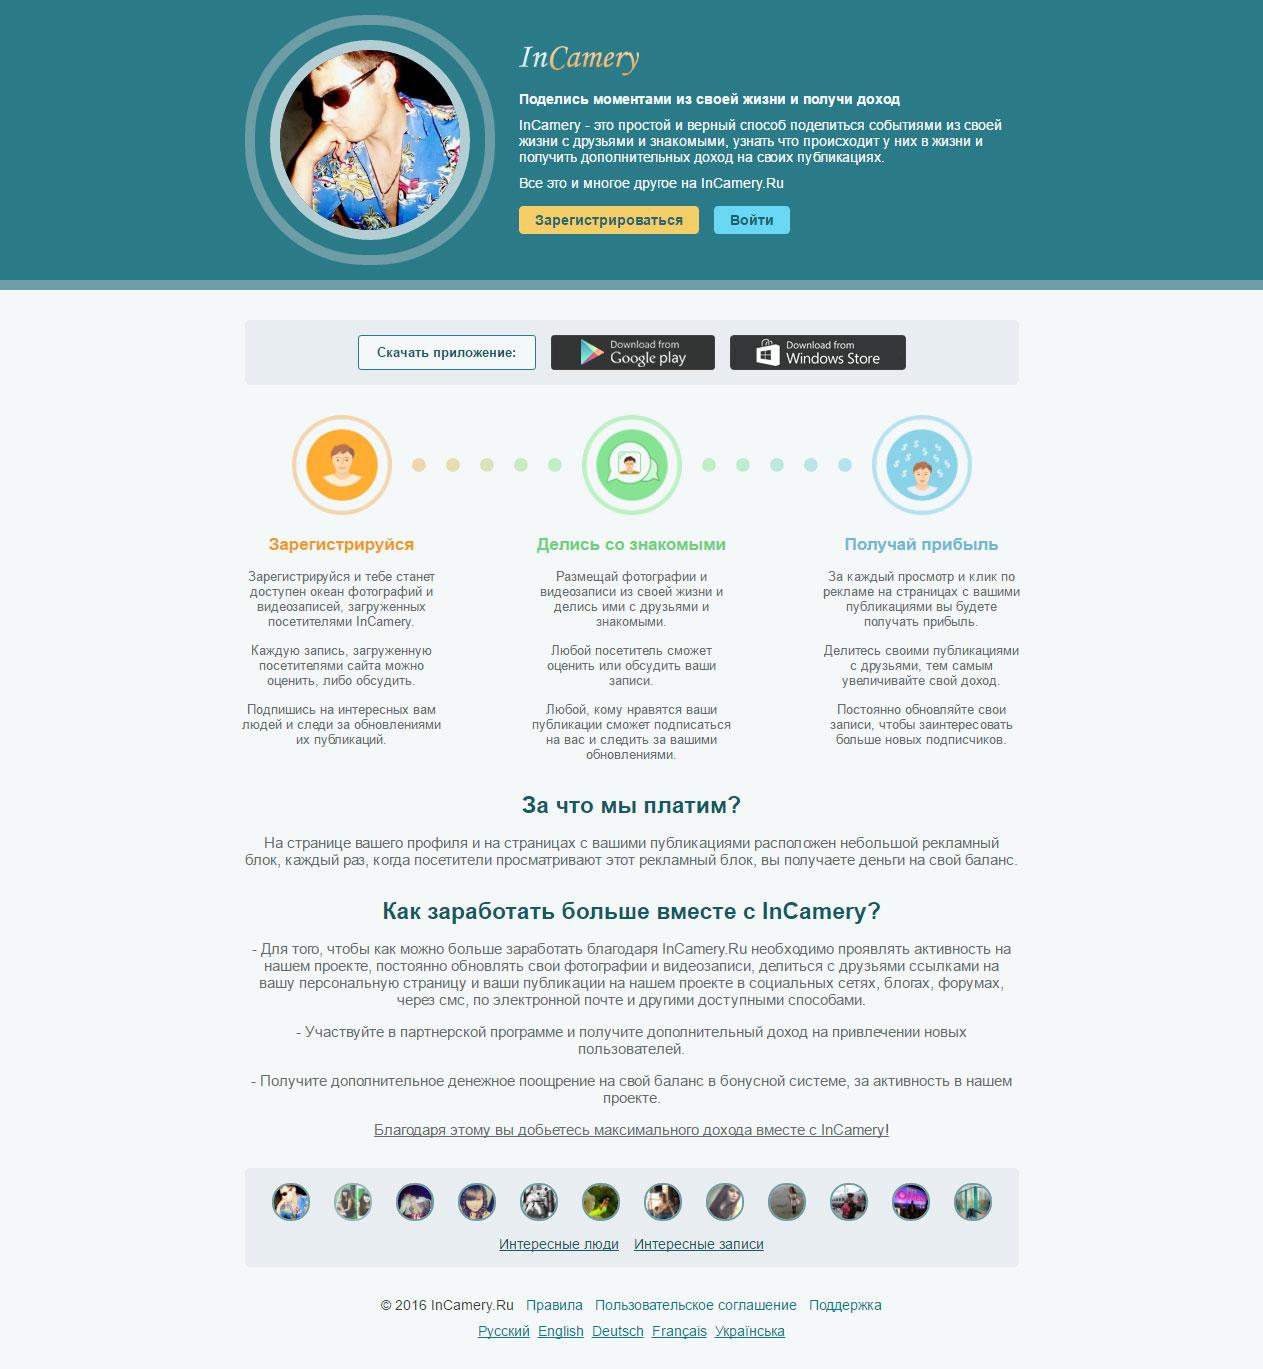 Дизайн для сайта фото социальной сети с доходом InCamery